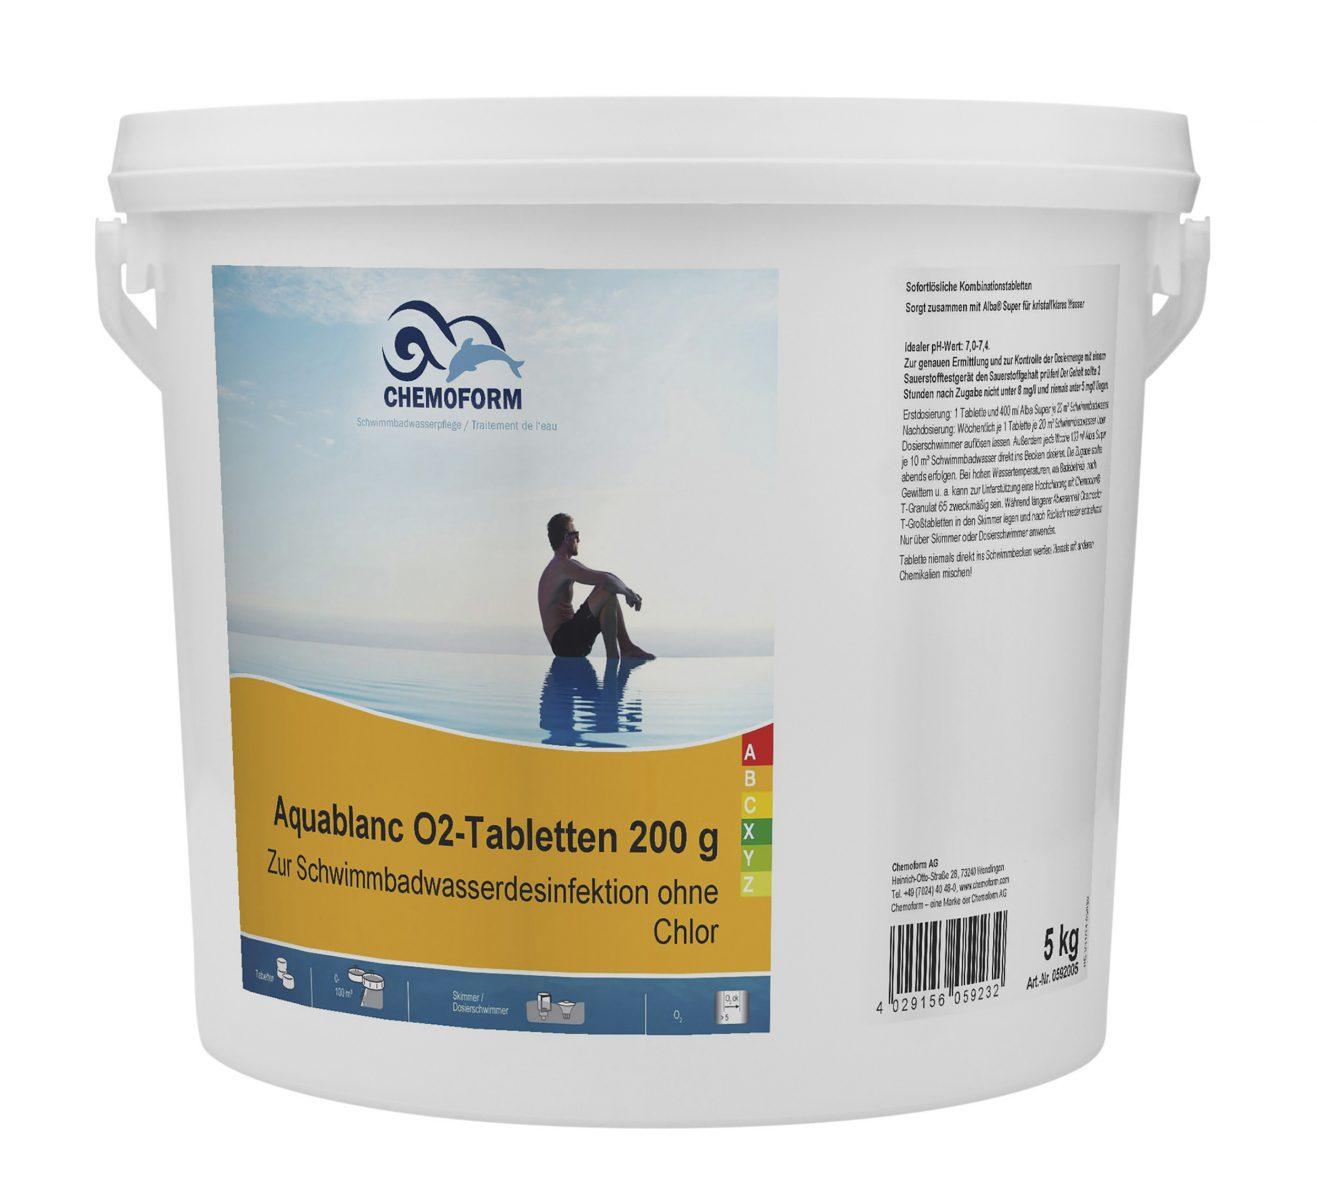 Активный кислород в таблетках для дезинфекции воды в бассейнах Аквабланк О2 (200 г)